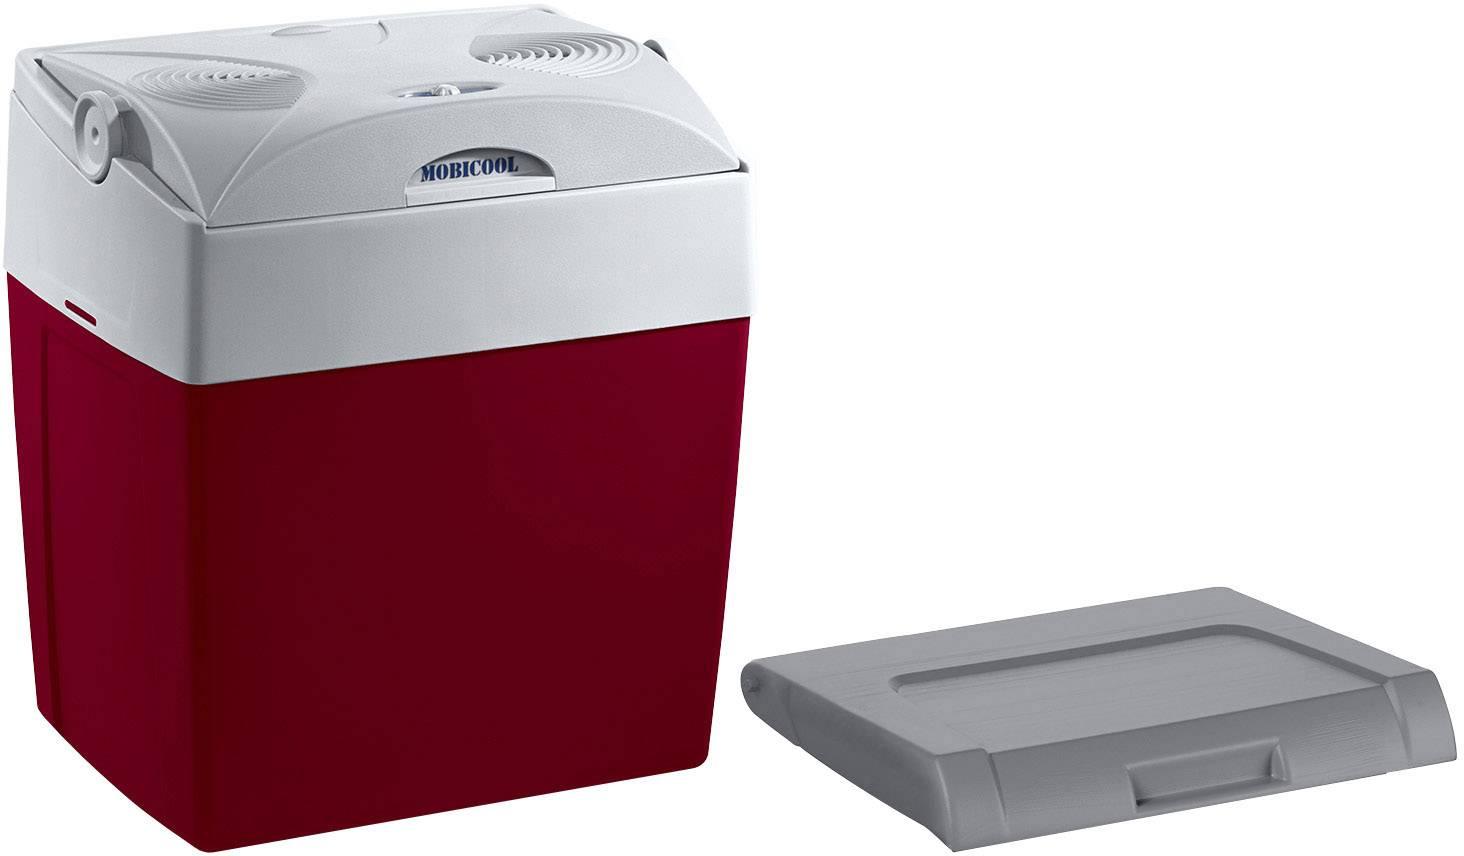 Mini Kühlschrank Auto : Mobicool f minikühlschrank partykühler eek a a d